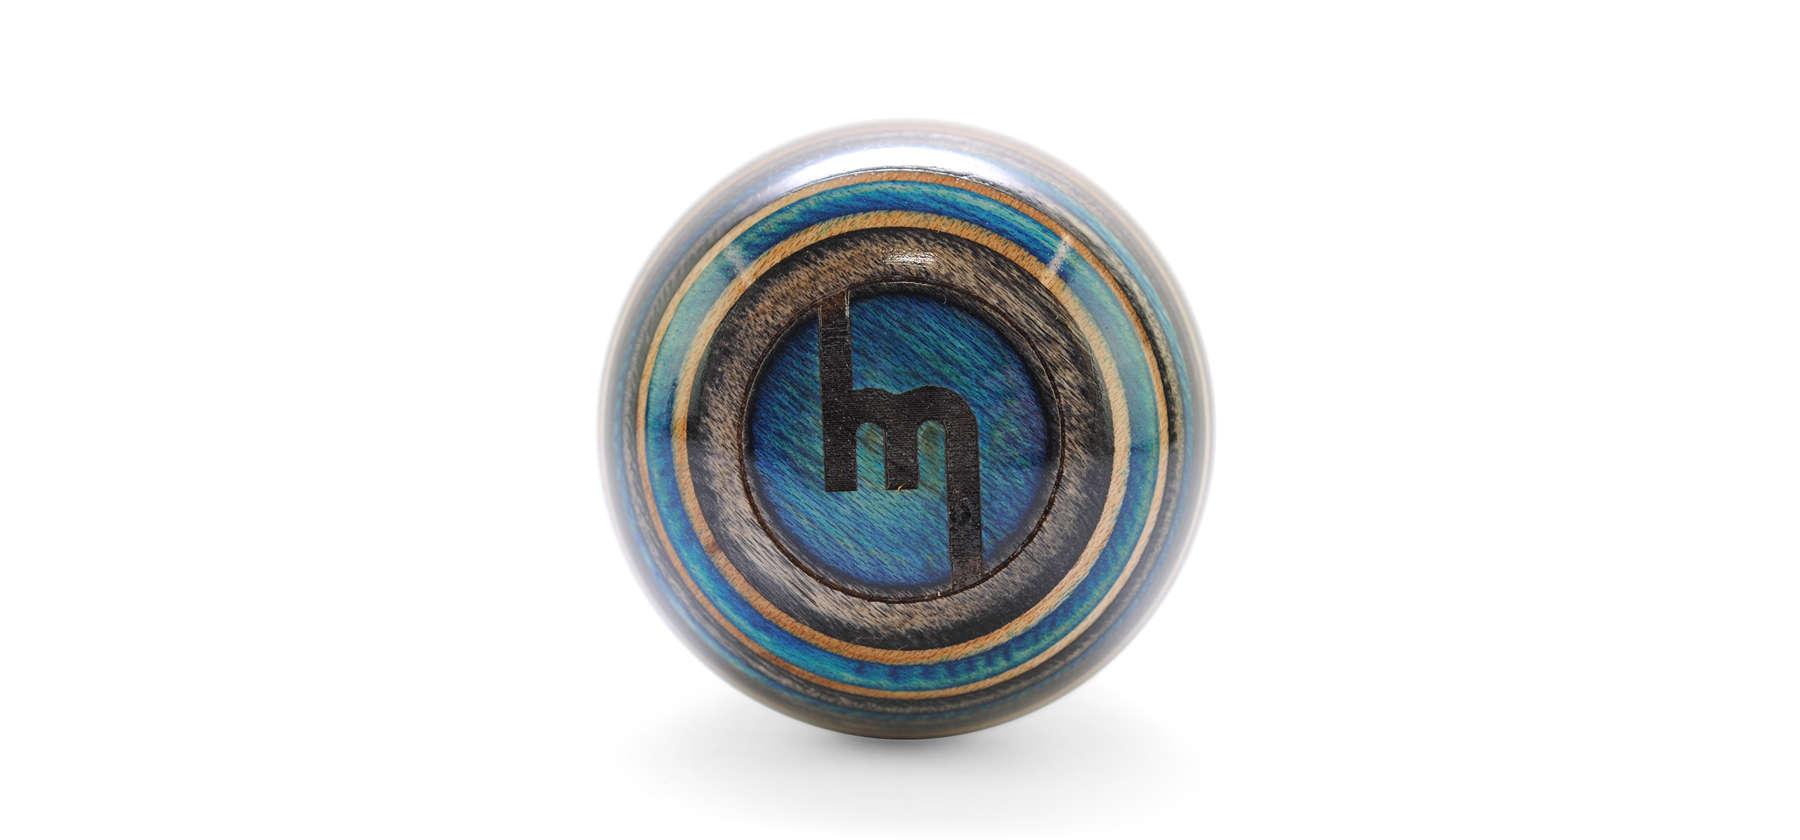 Miata MX5 shift knob & handbrake